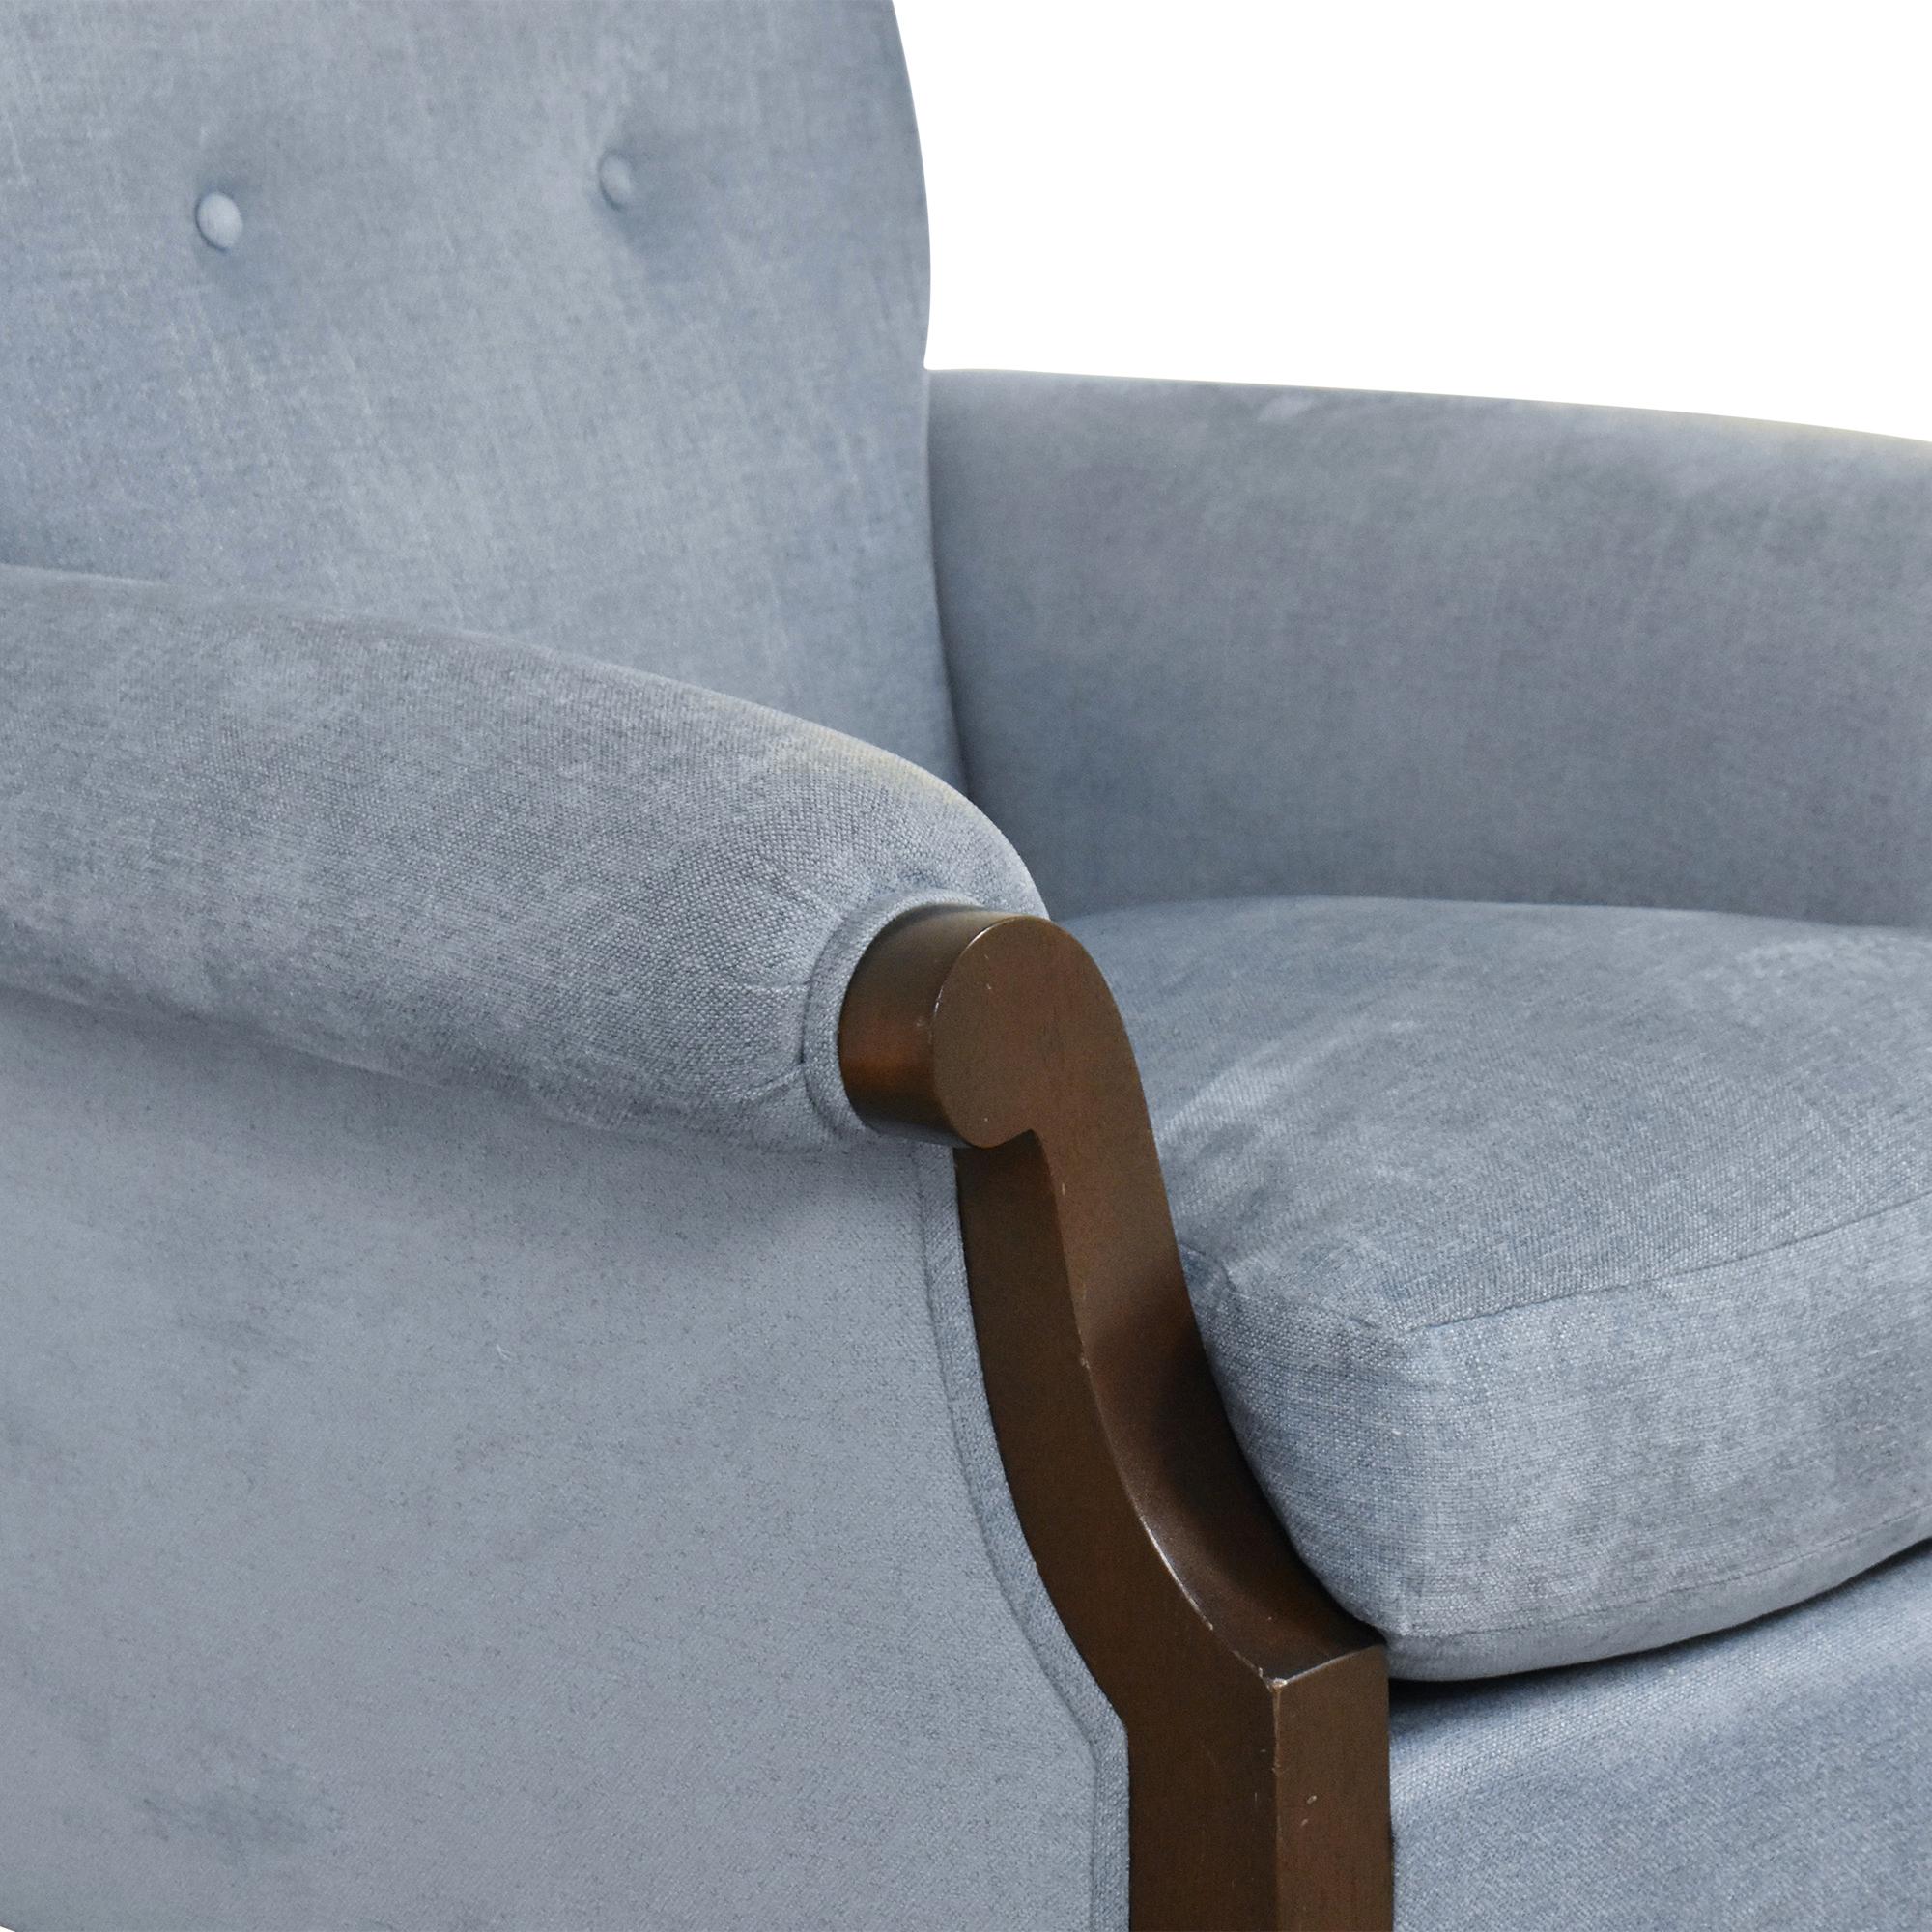 Aero Aero Club Chair by Thomas O'Brien discount